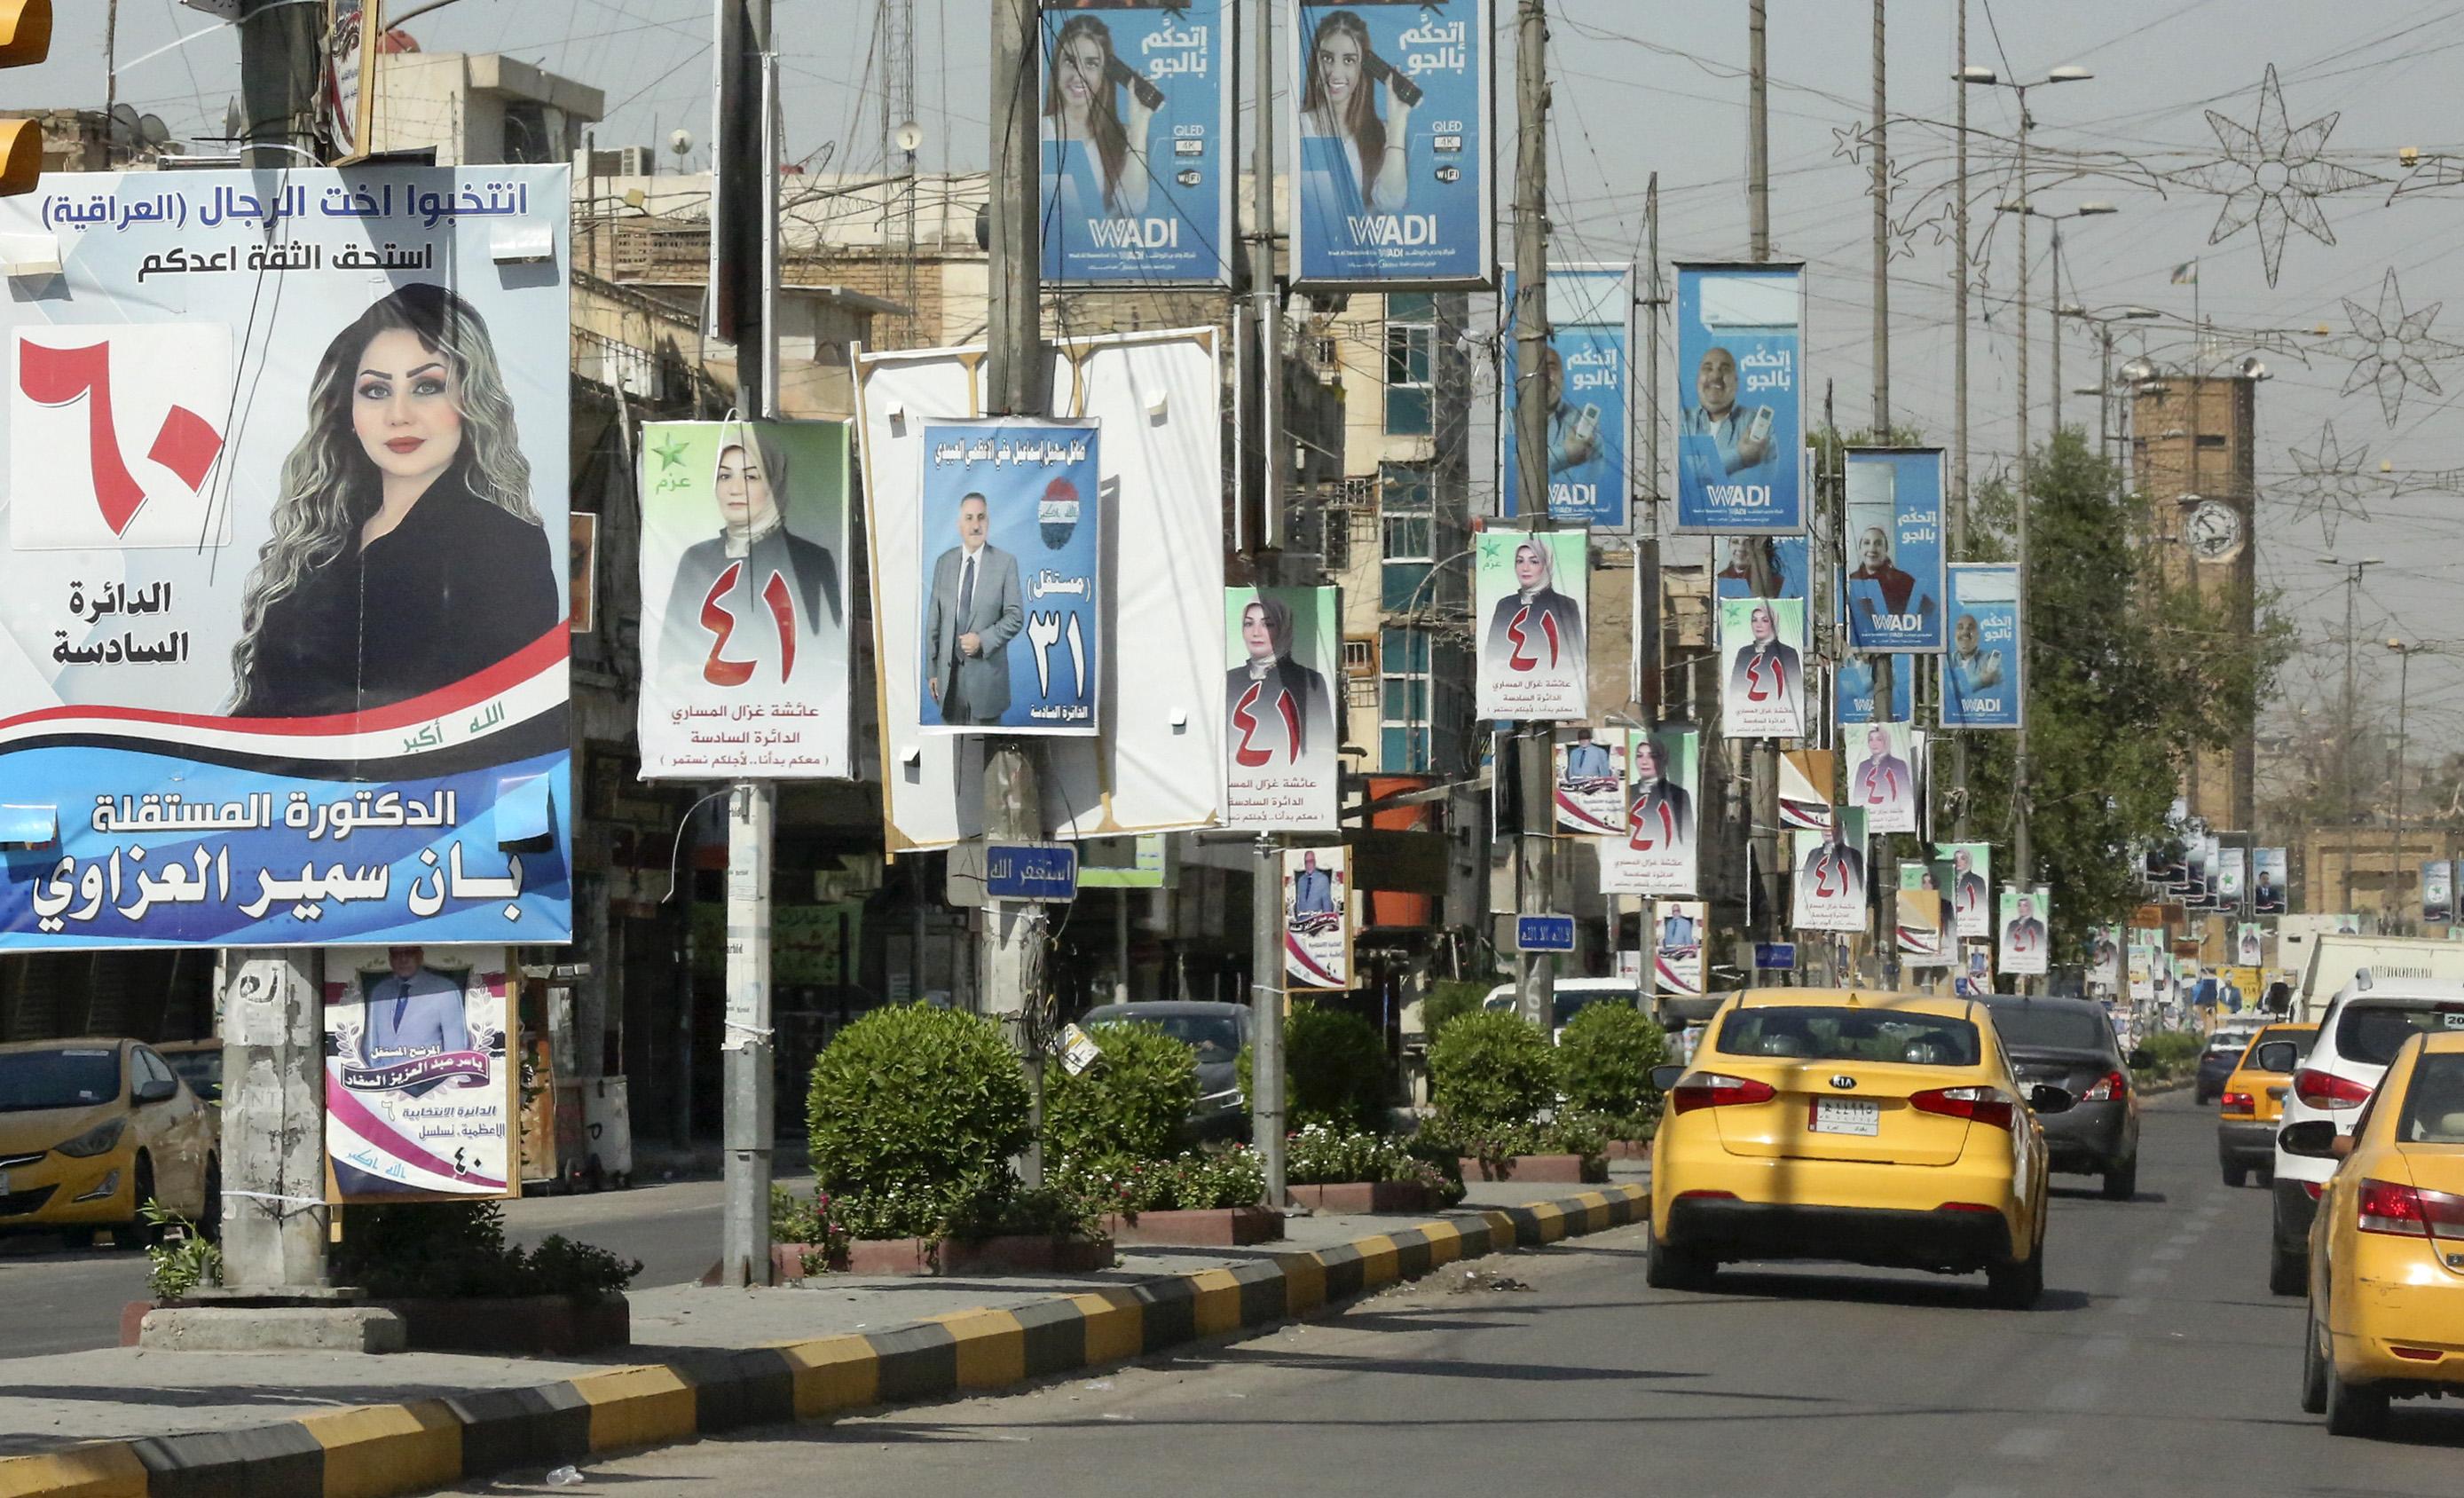 يافطات إعلانية في شوارع العراق حيث ستجري انتخابات برلمانية قريبا